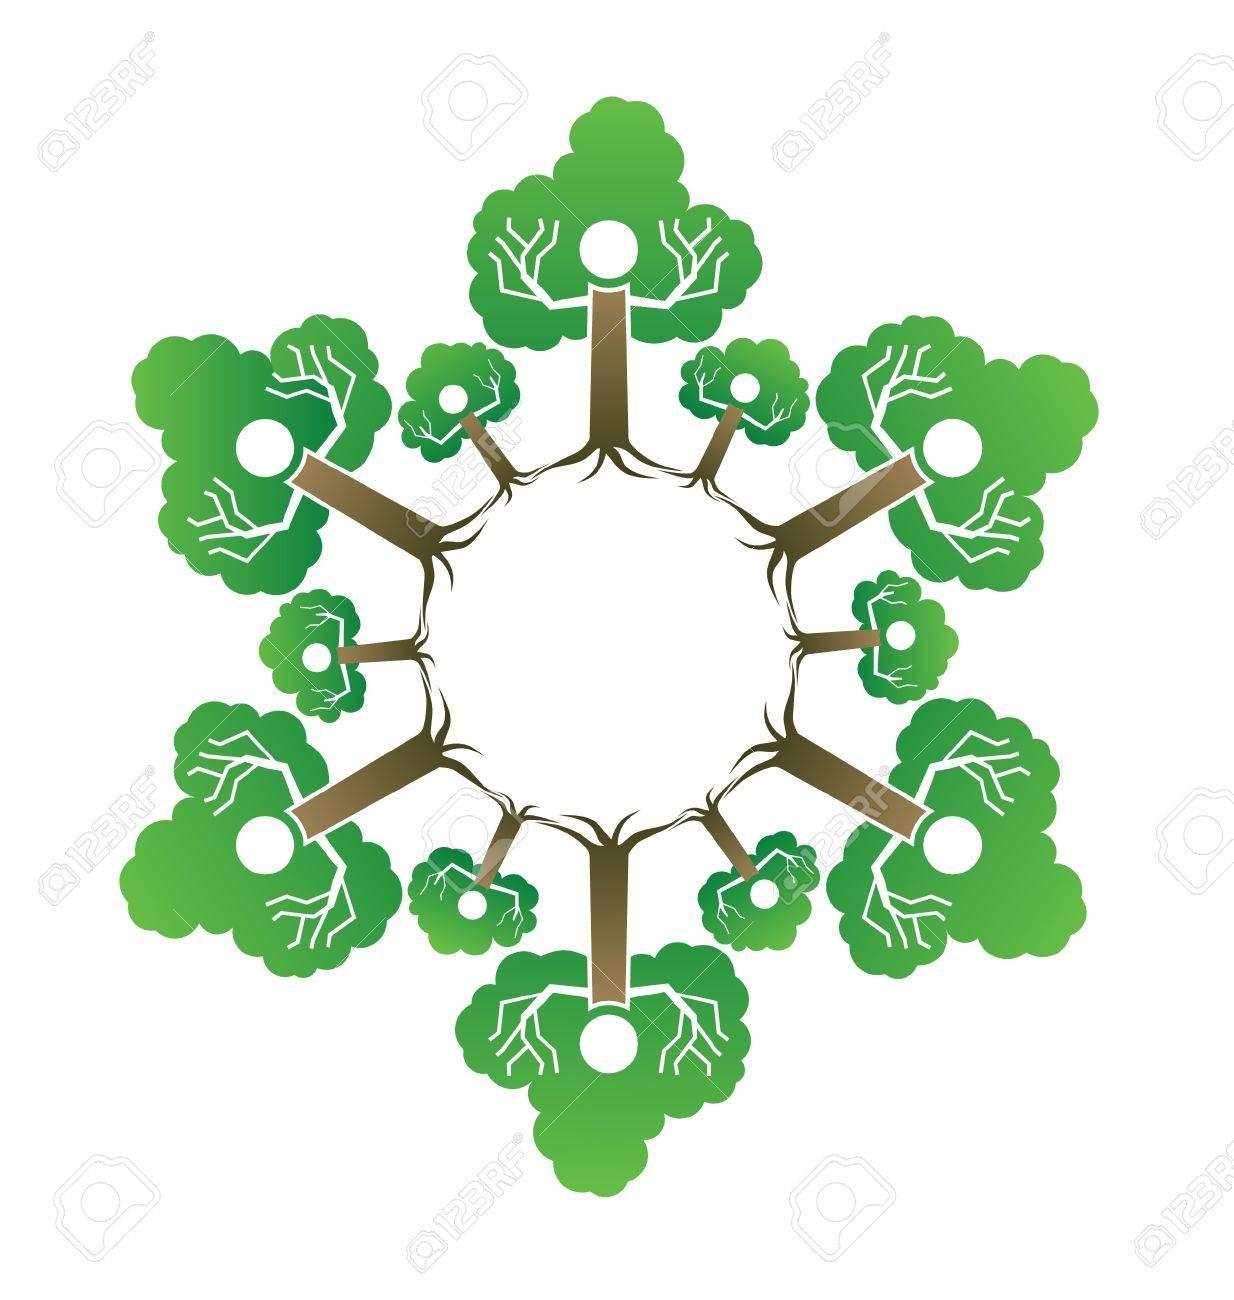 Family tree Stock Vector - 17771716